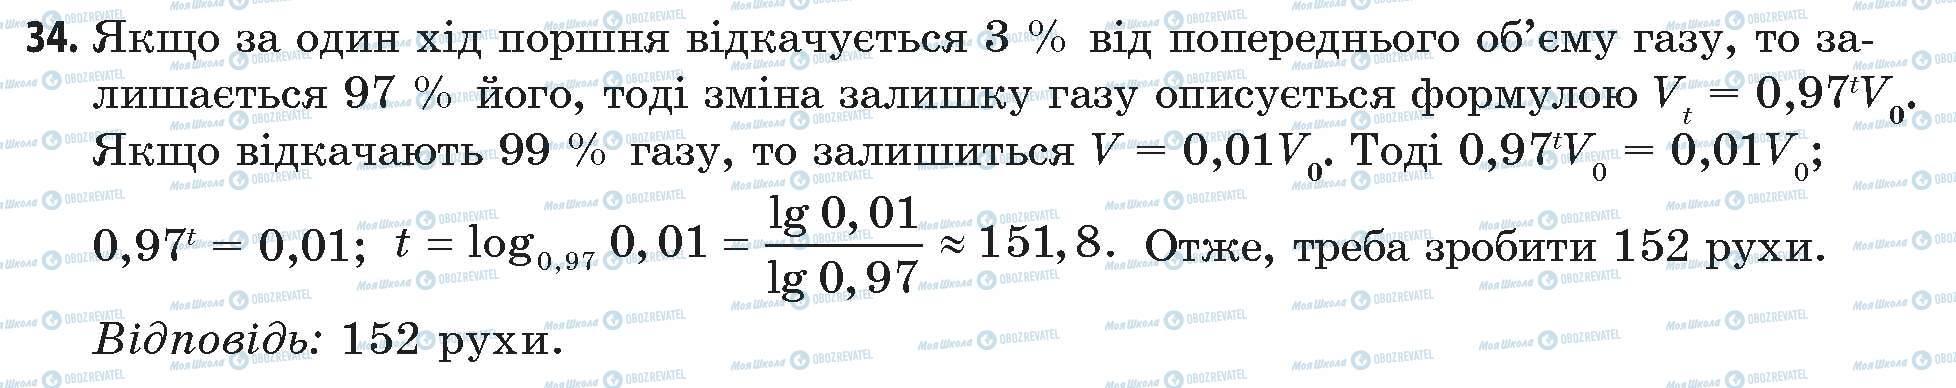 ГДЗ Математика 11 класс страница 34